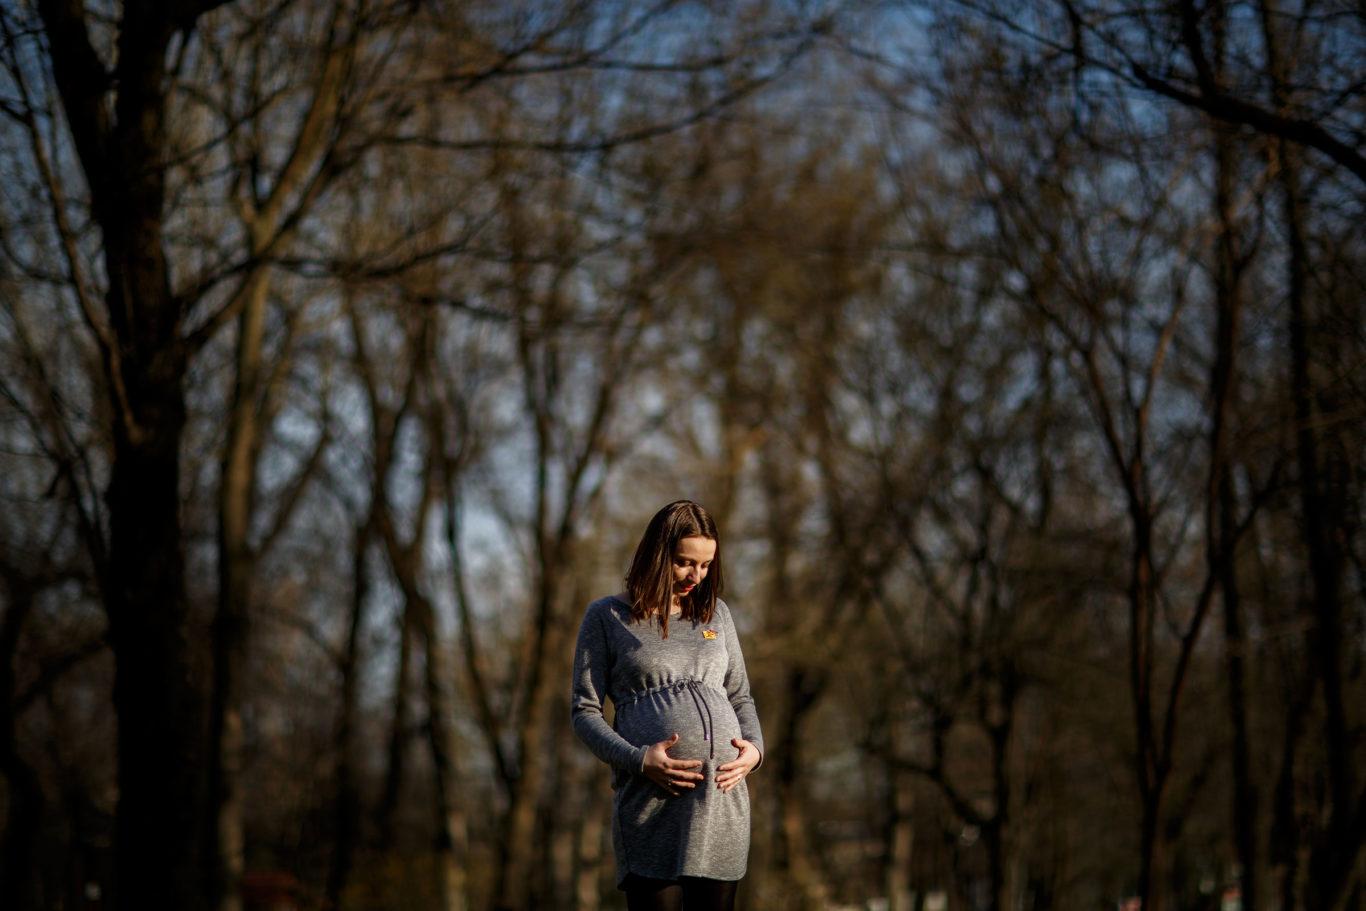 0048-Fotografii-maternitate-Cristina-fotograf-Ciprian-Dumitrescu-DCF_7686